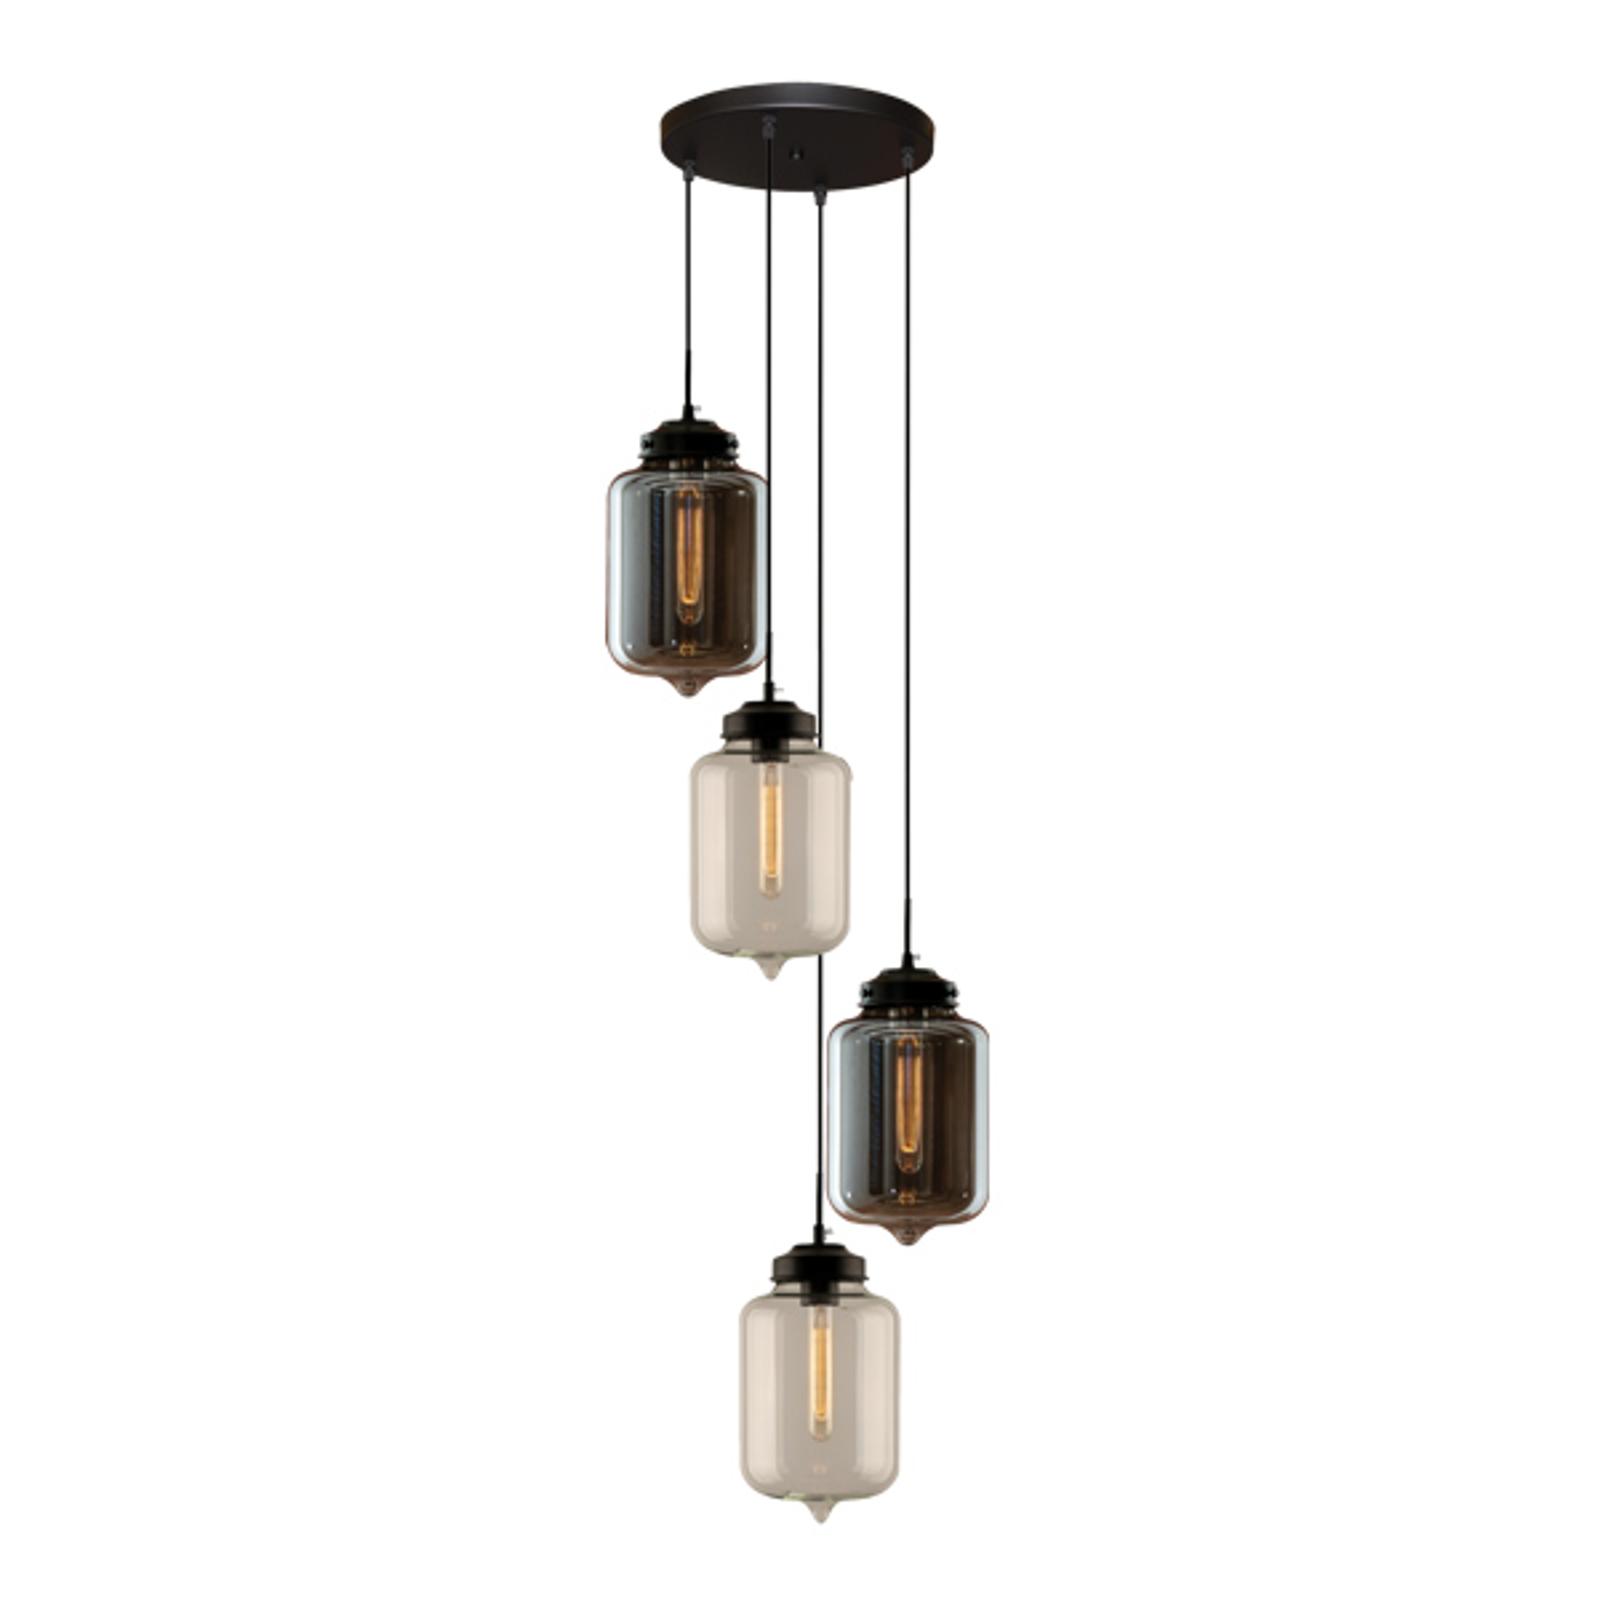 Hanglamp LA011 4-lamps rookgrijs/helder